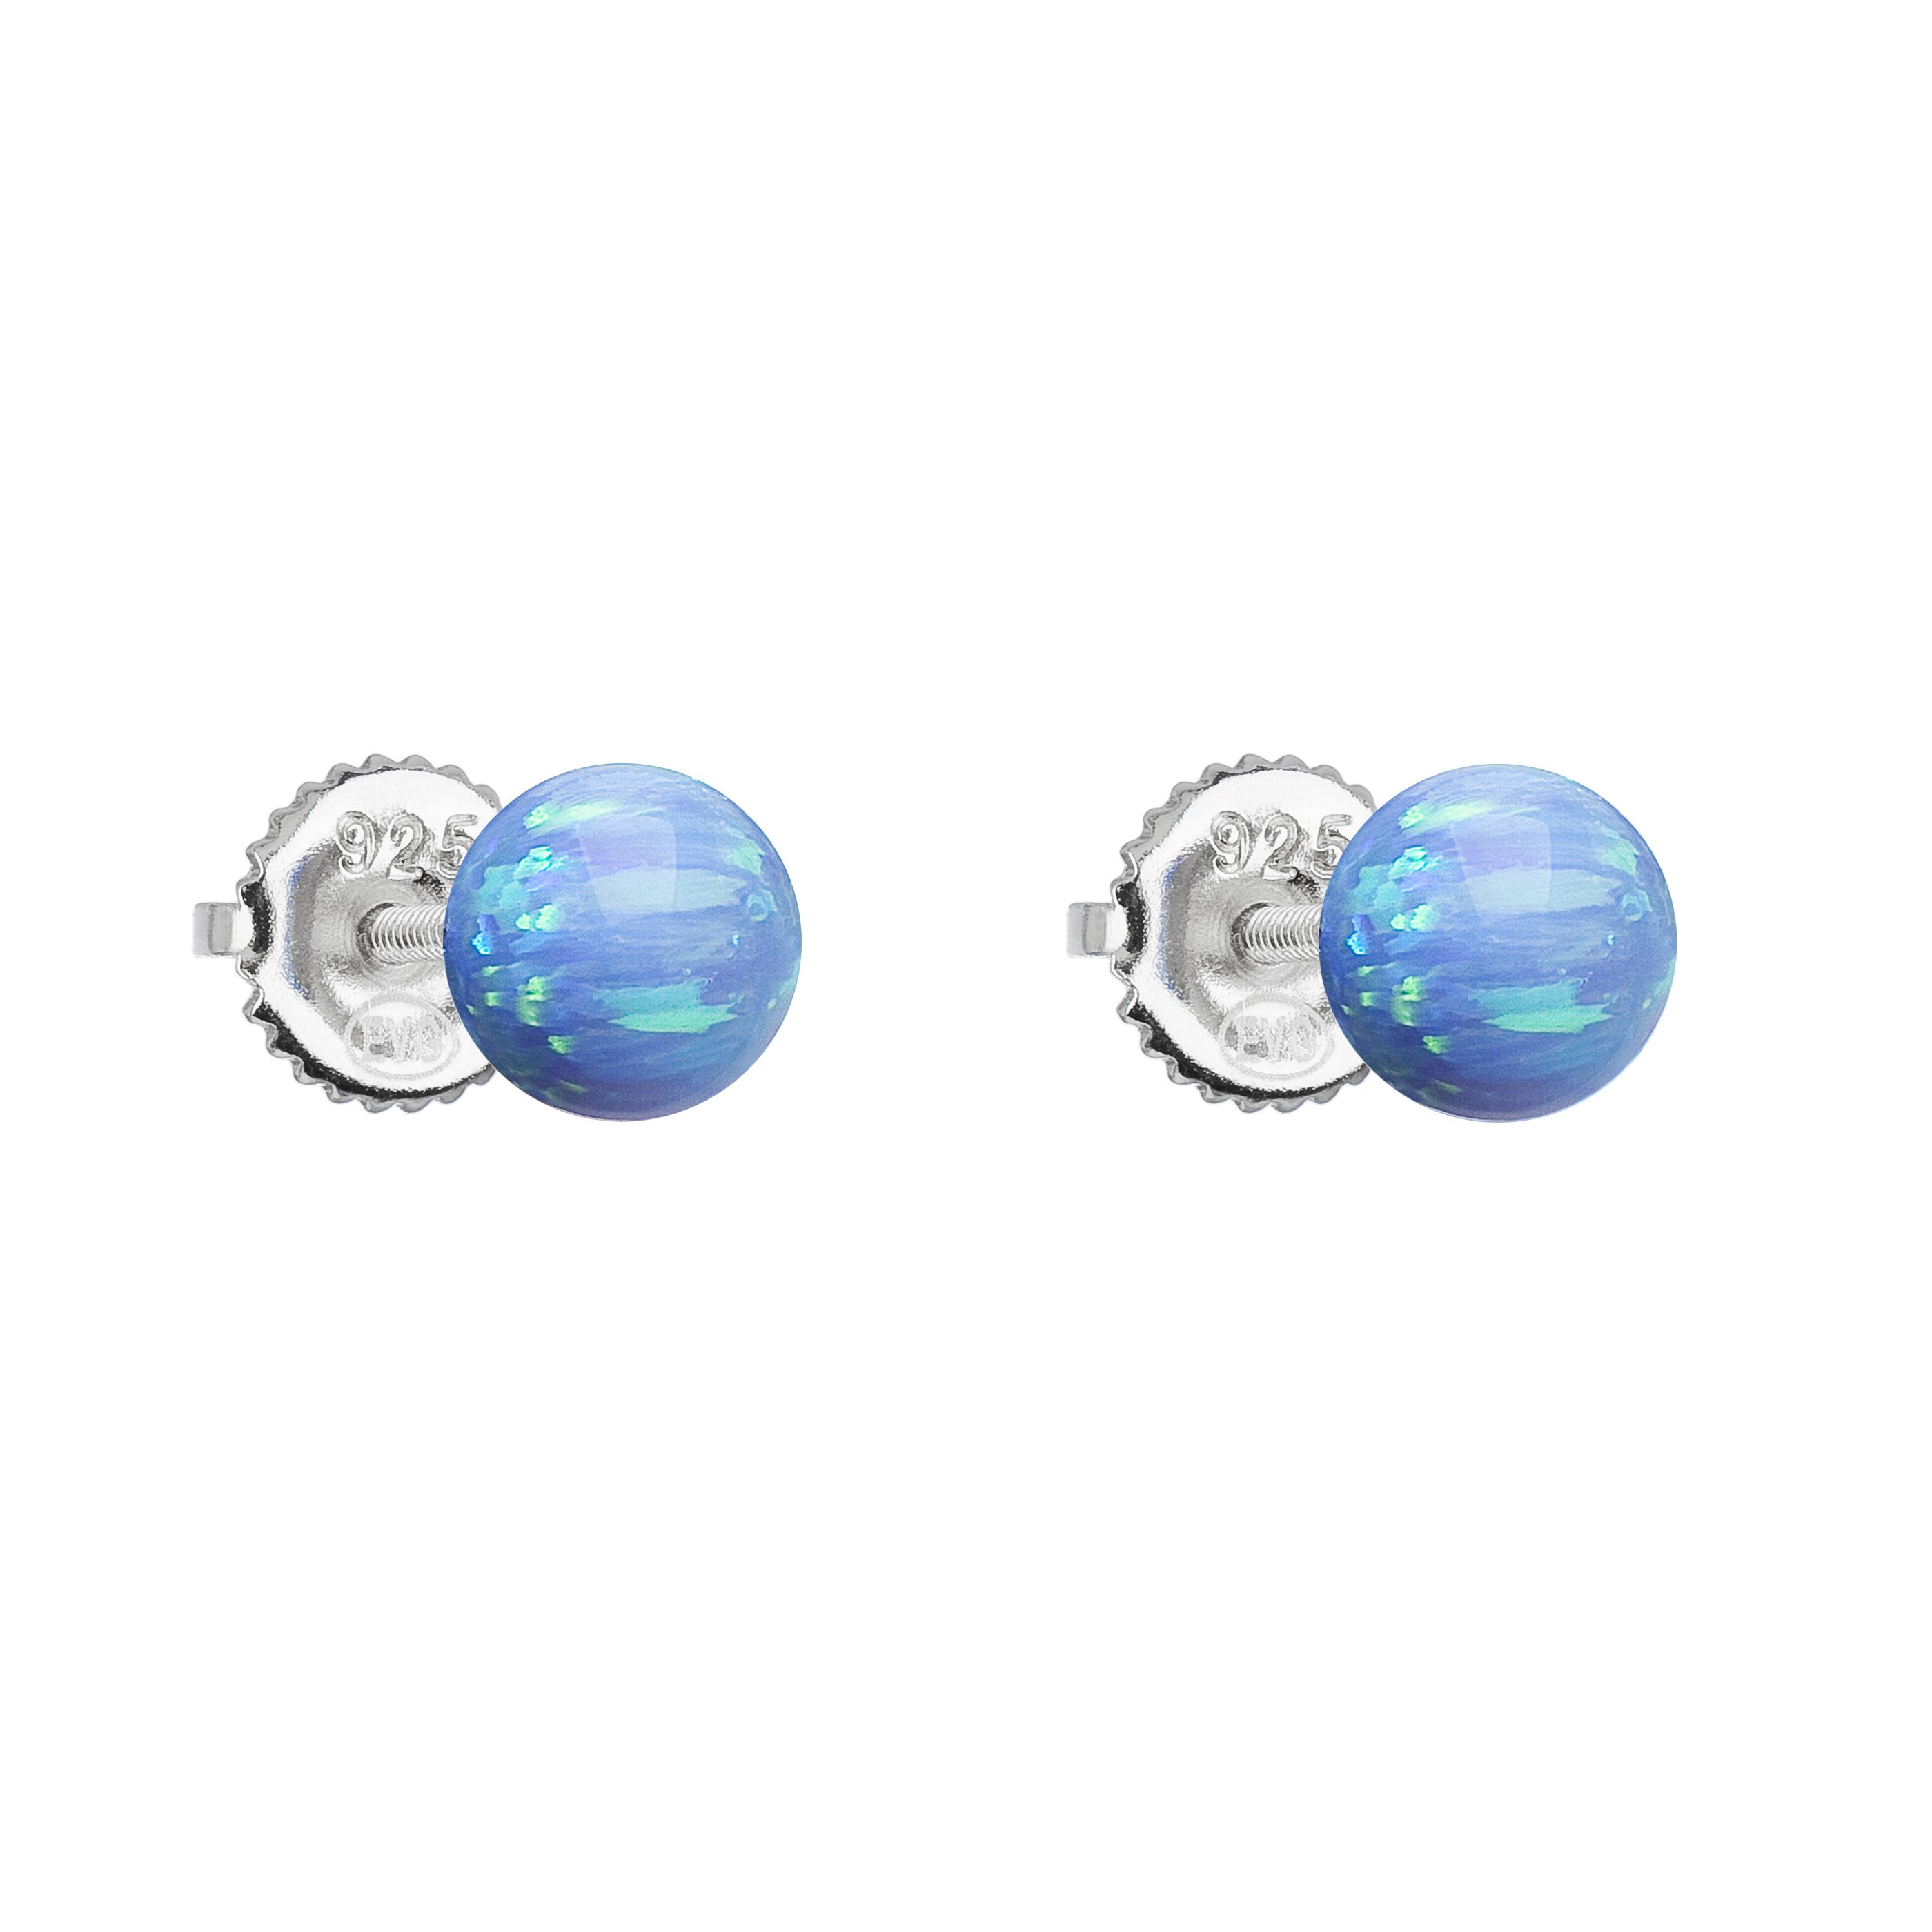 Strieborné náušnice perličky so syntetickým opálom svetlo modré okrúhle 11246.3 lt.blue